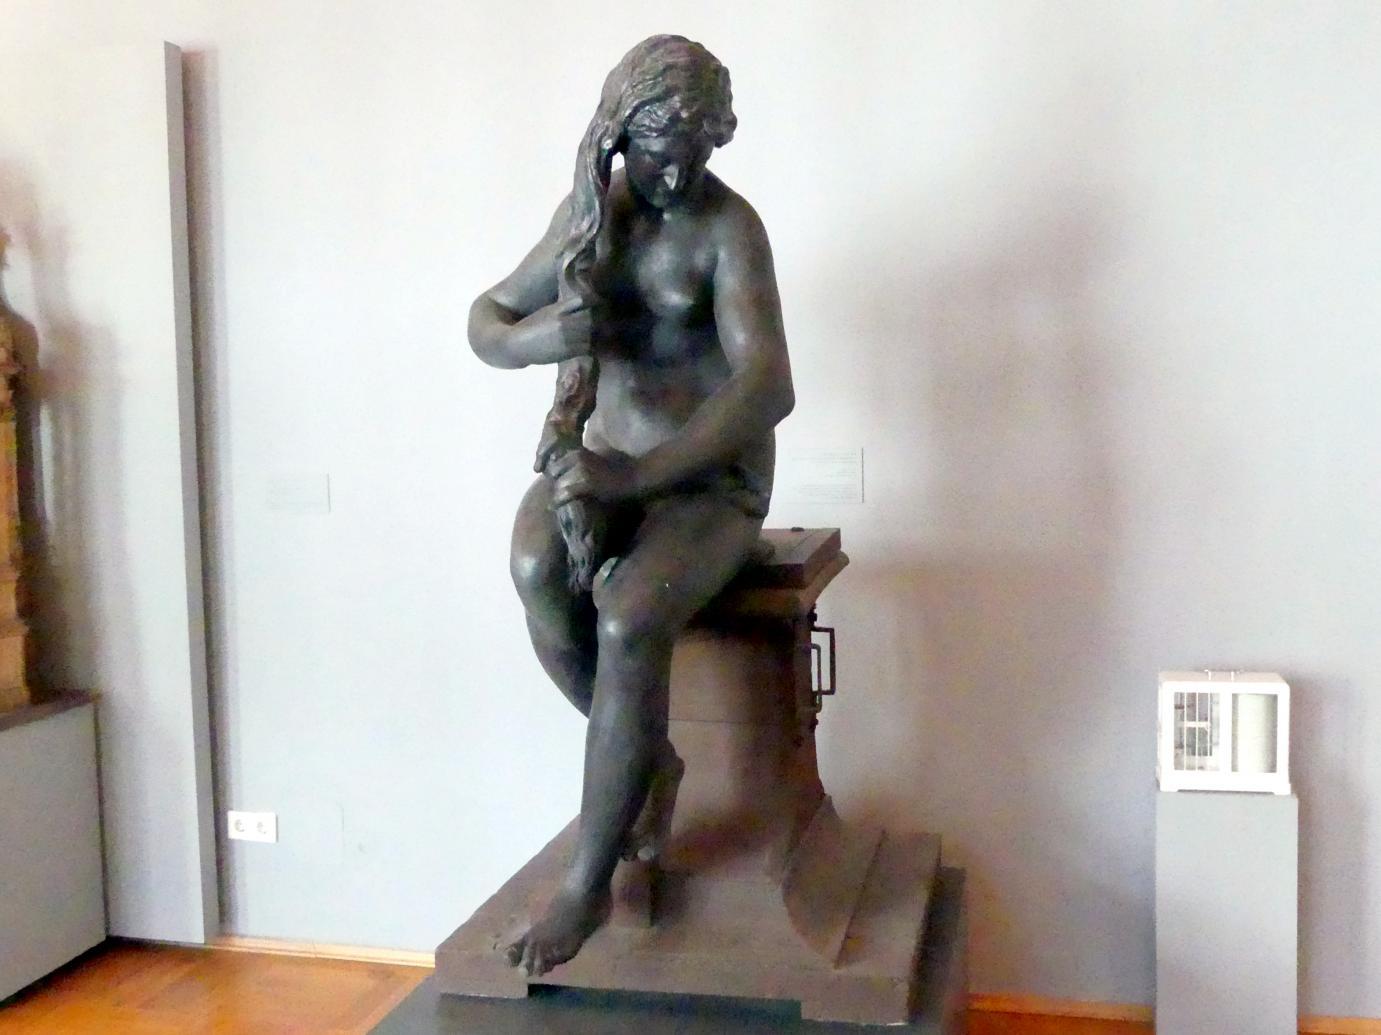 Gipsabguss aus der Reichsstädtischen Kunstakademie, 1781